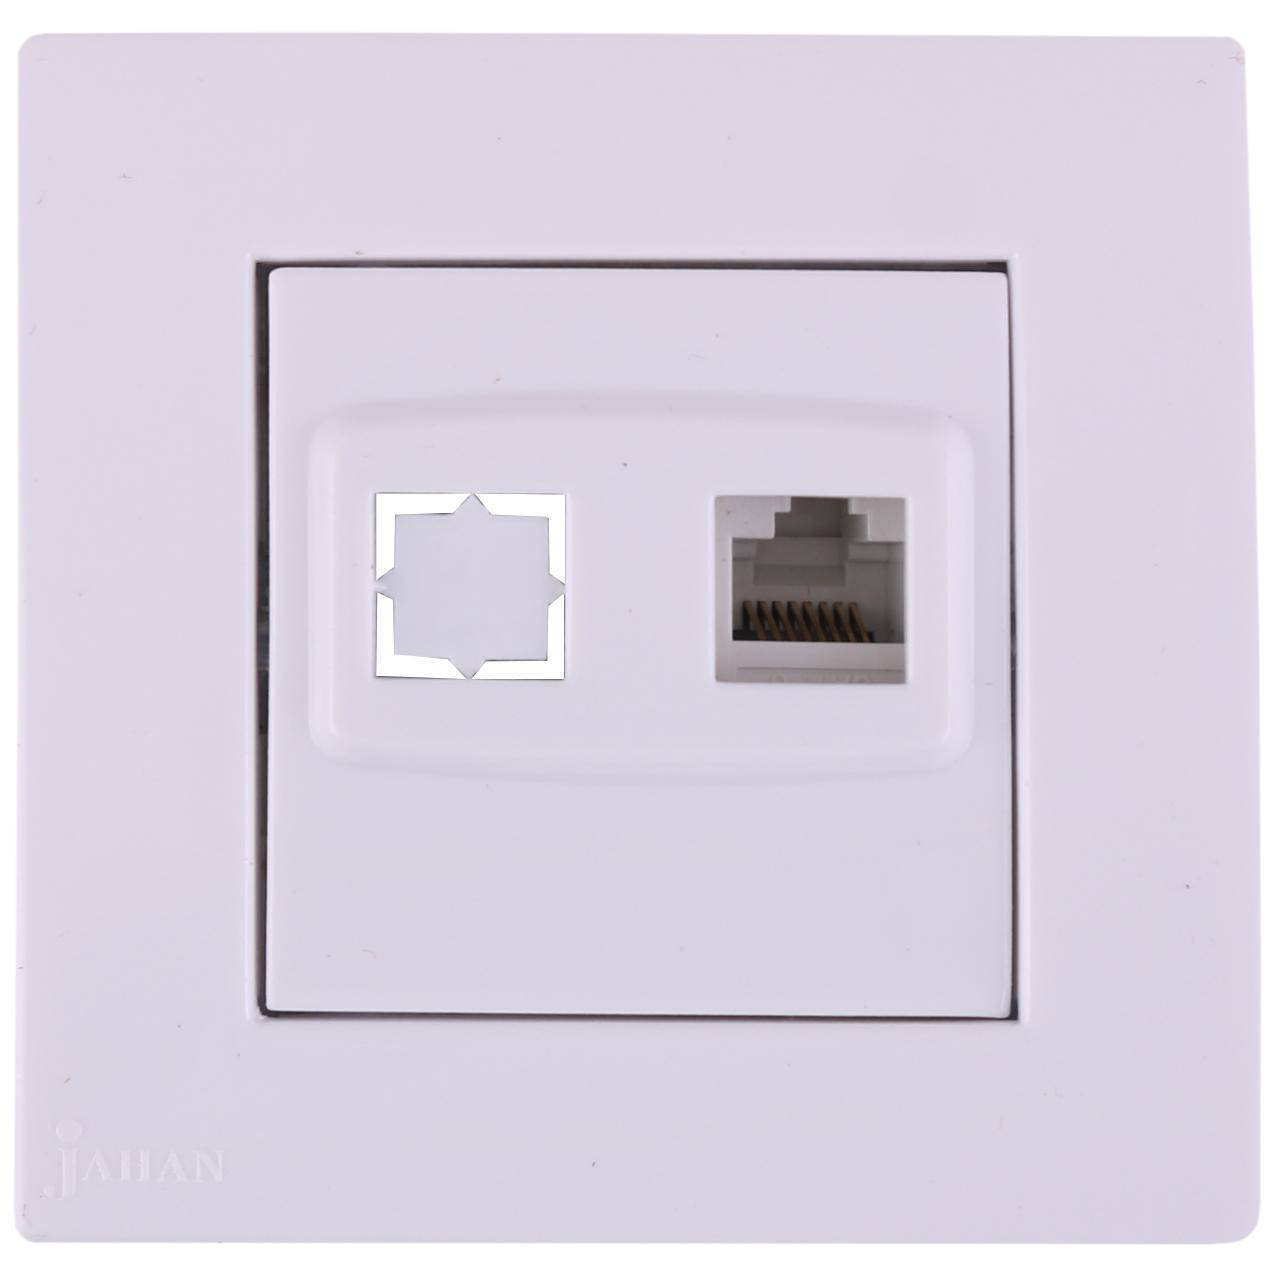 سوکت شبکه جهان الکتریک مدل کارن کد JEK2356